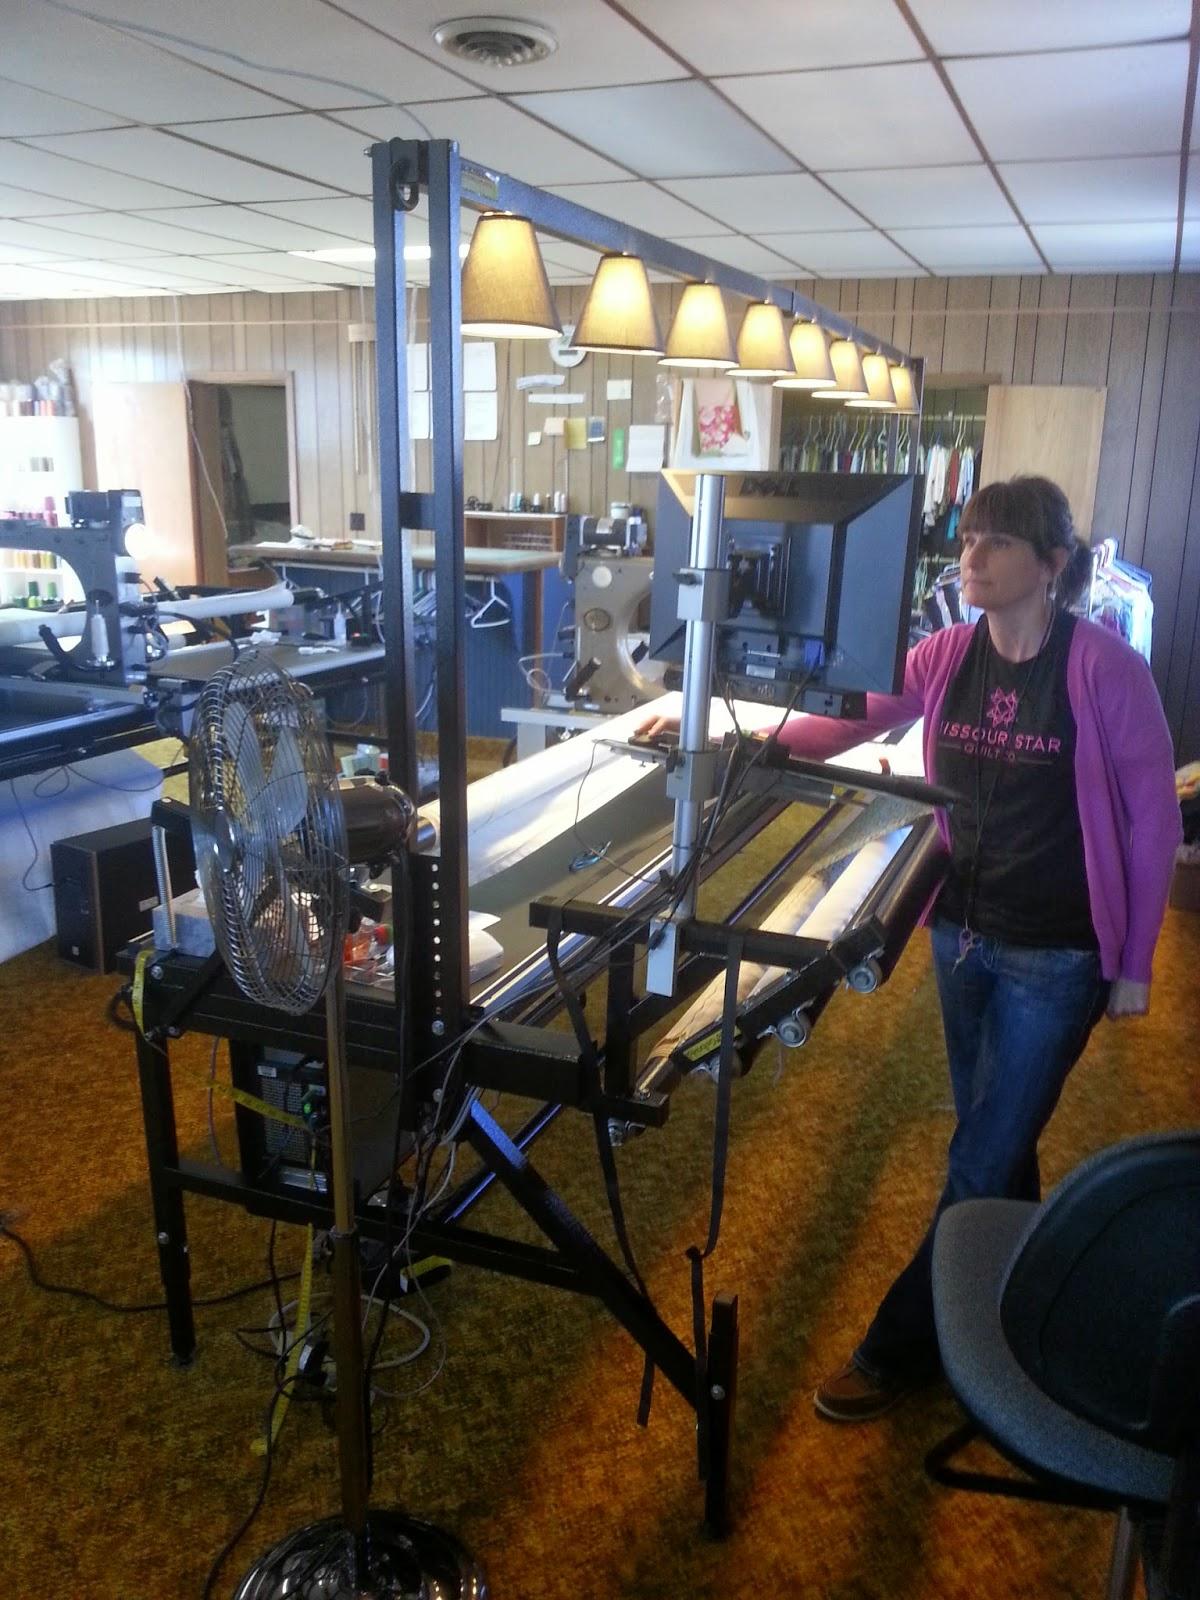 Hillbilly Quilt Shop: A little tour of The Missouri Star Quilt Company : missouri star quilting company - Adamdwight.com